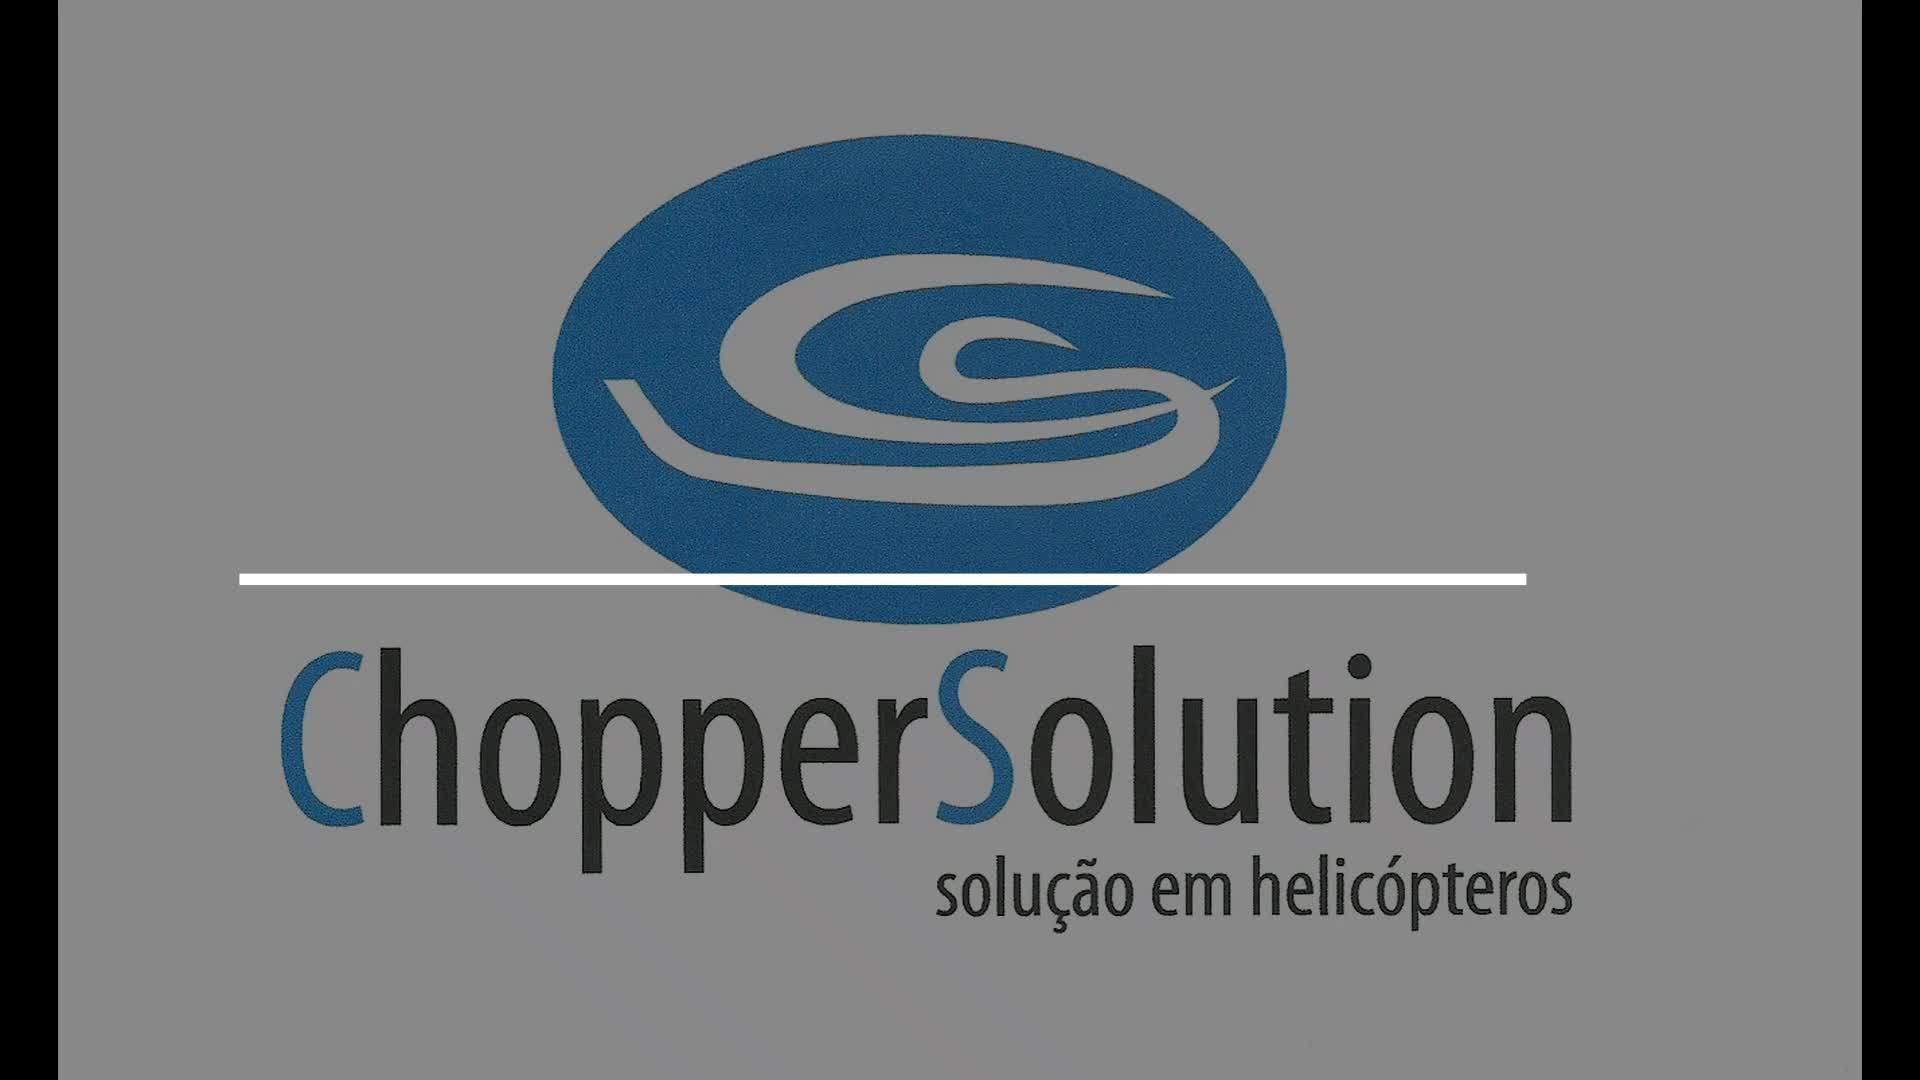 Homenagem aos pilotos de helicópteros no seu dia...